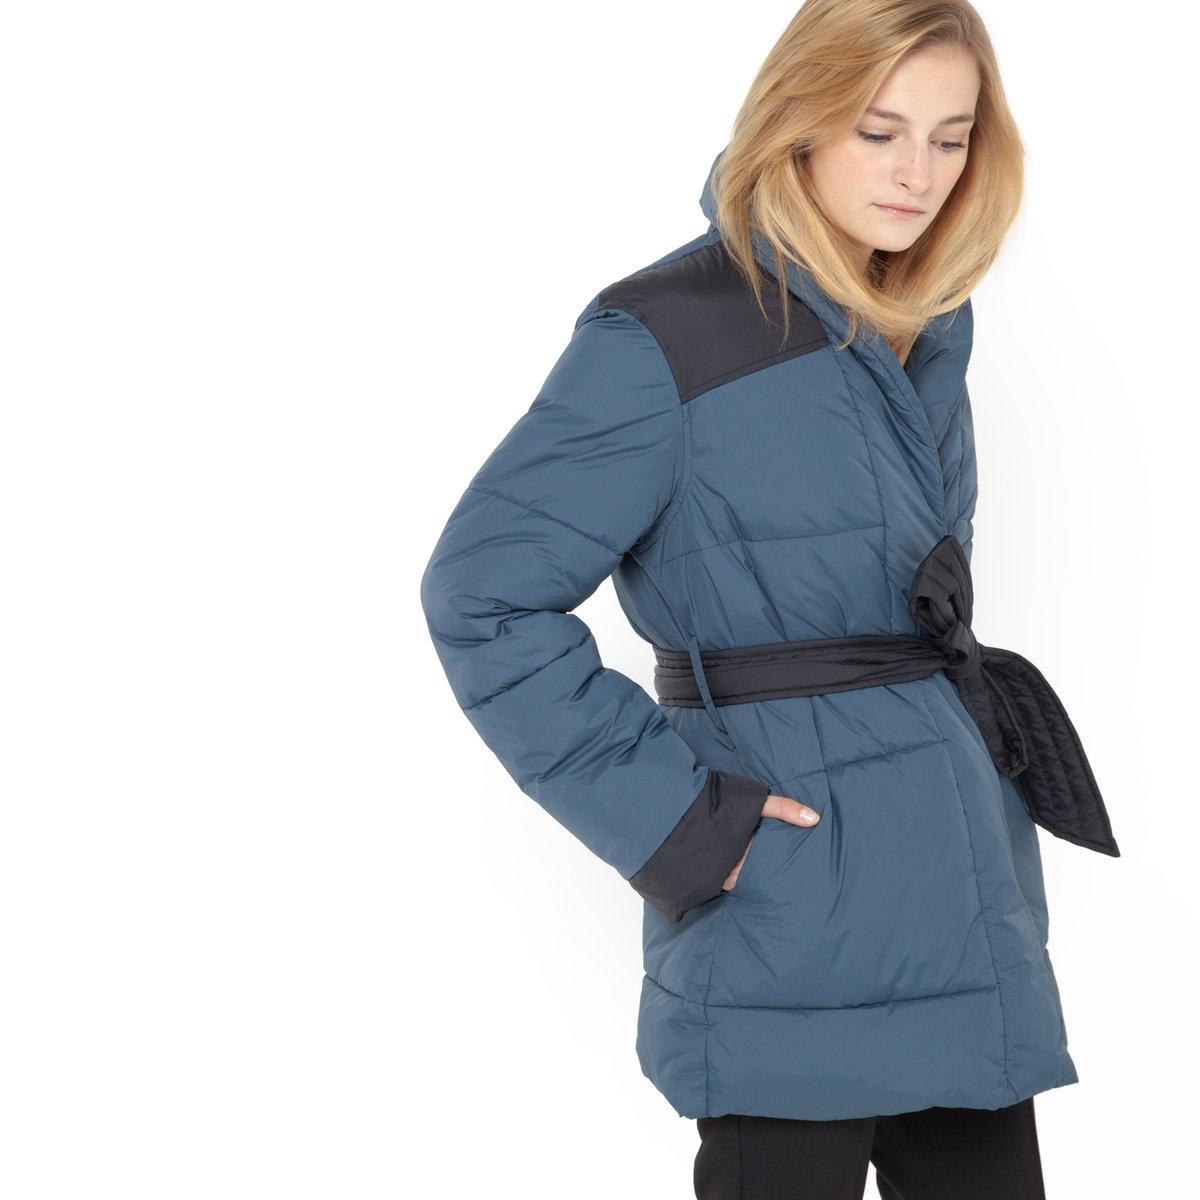 Куртка стеганая длиннаяДлинная стеганая куртка с поясом. Фасон кимоно. 2 кармана. Застежка на 1 кнопку. 100% полиамида, подкладка: 100% полиэстера. Длина 80 см.<br><br>Цвет: темно-синий<br>Размер: 36 (FR) - 42 (RUS).40 (FR) - 46 (RUS).44 (FR) - 50 (RUS)